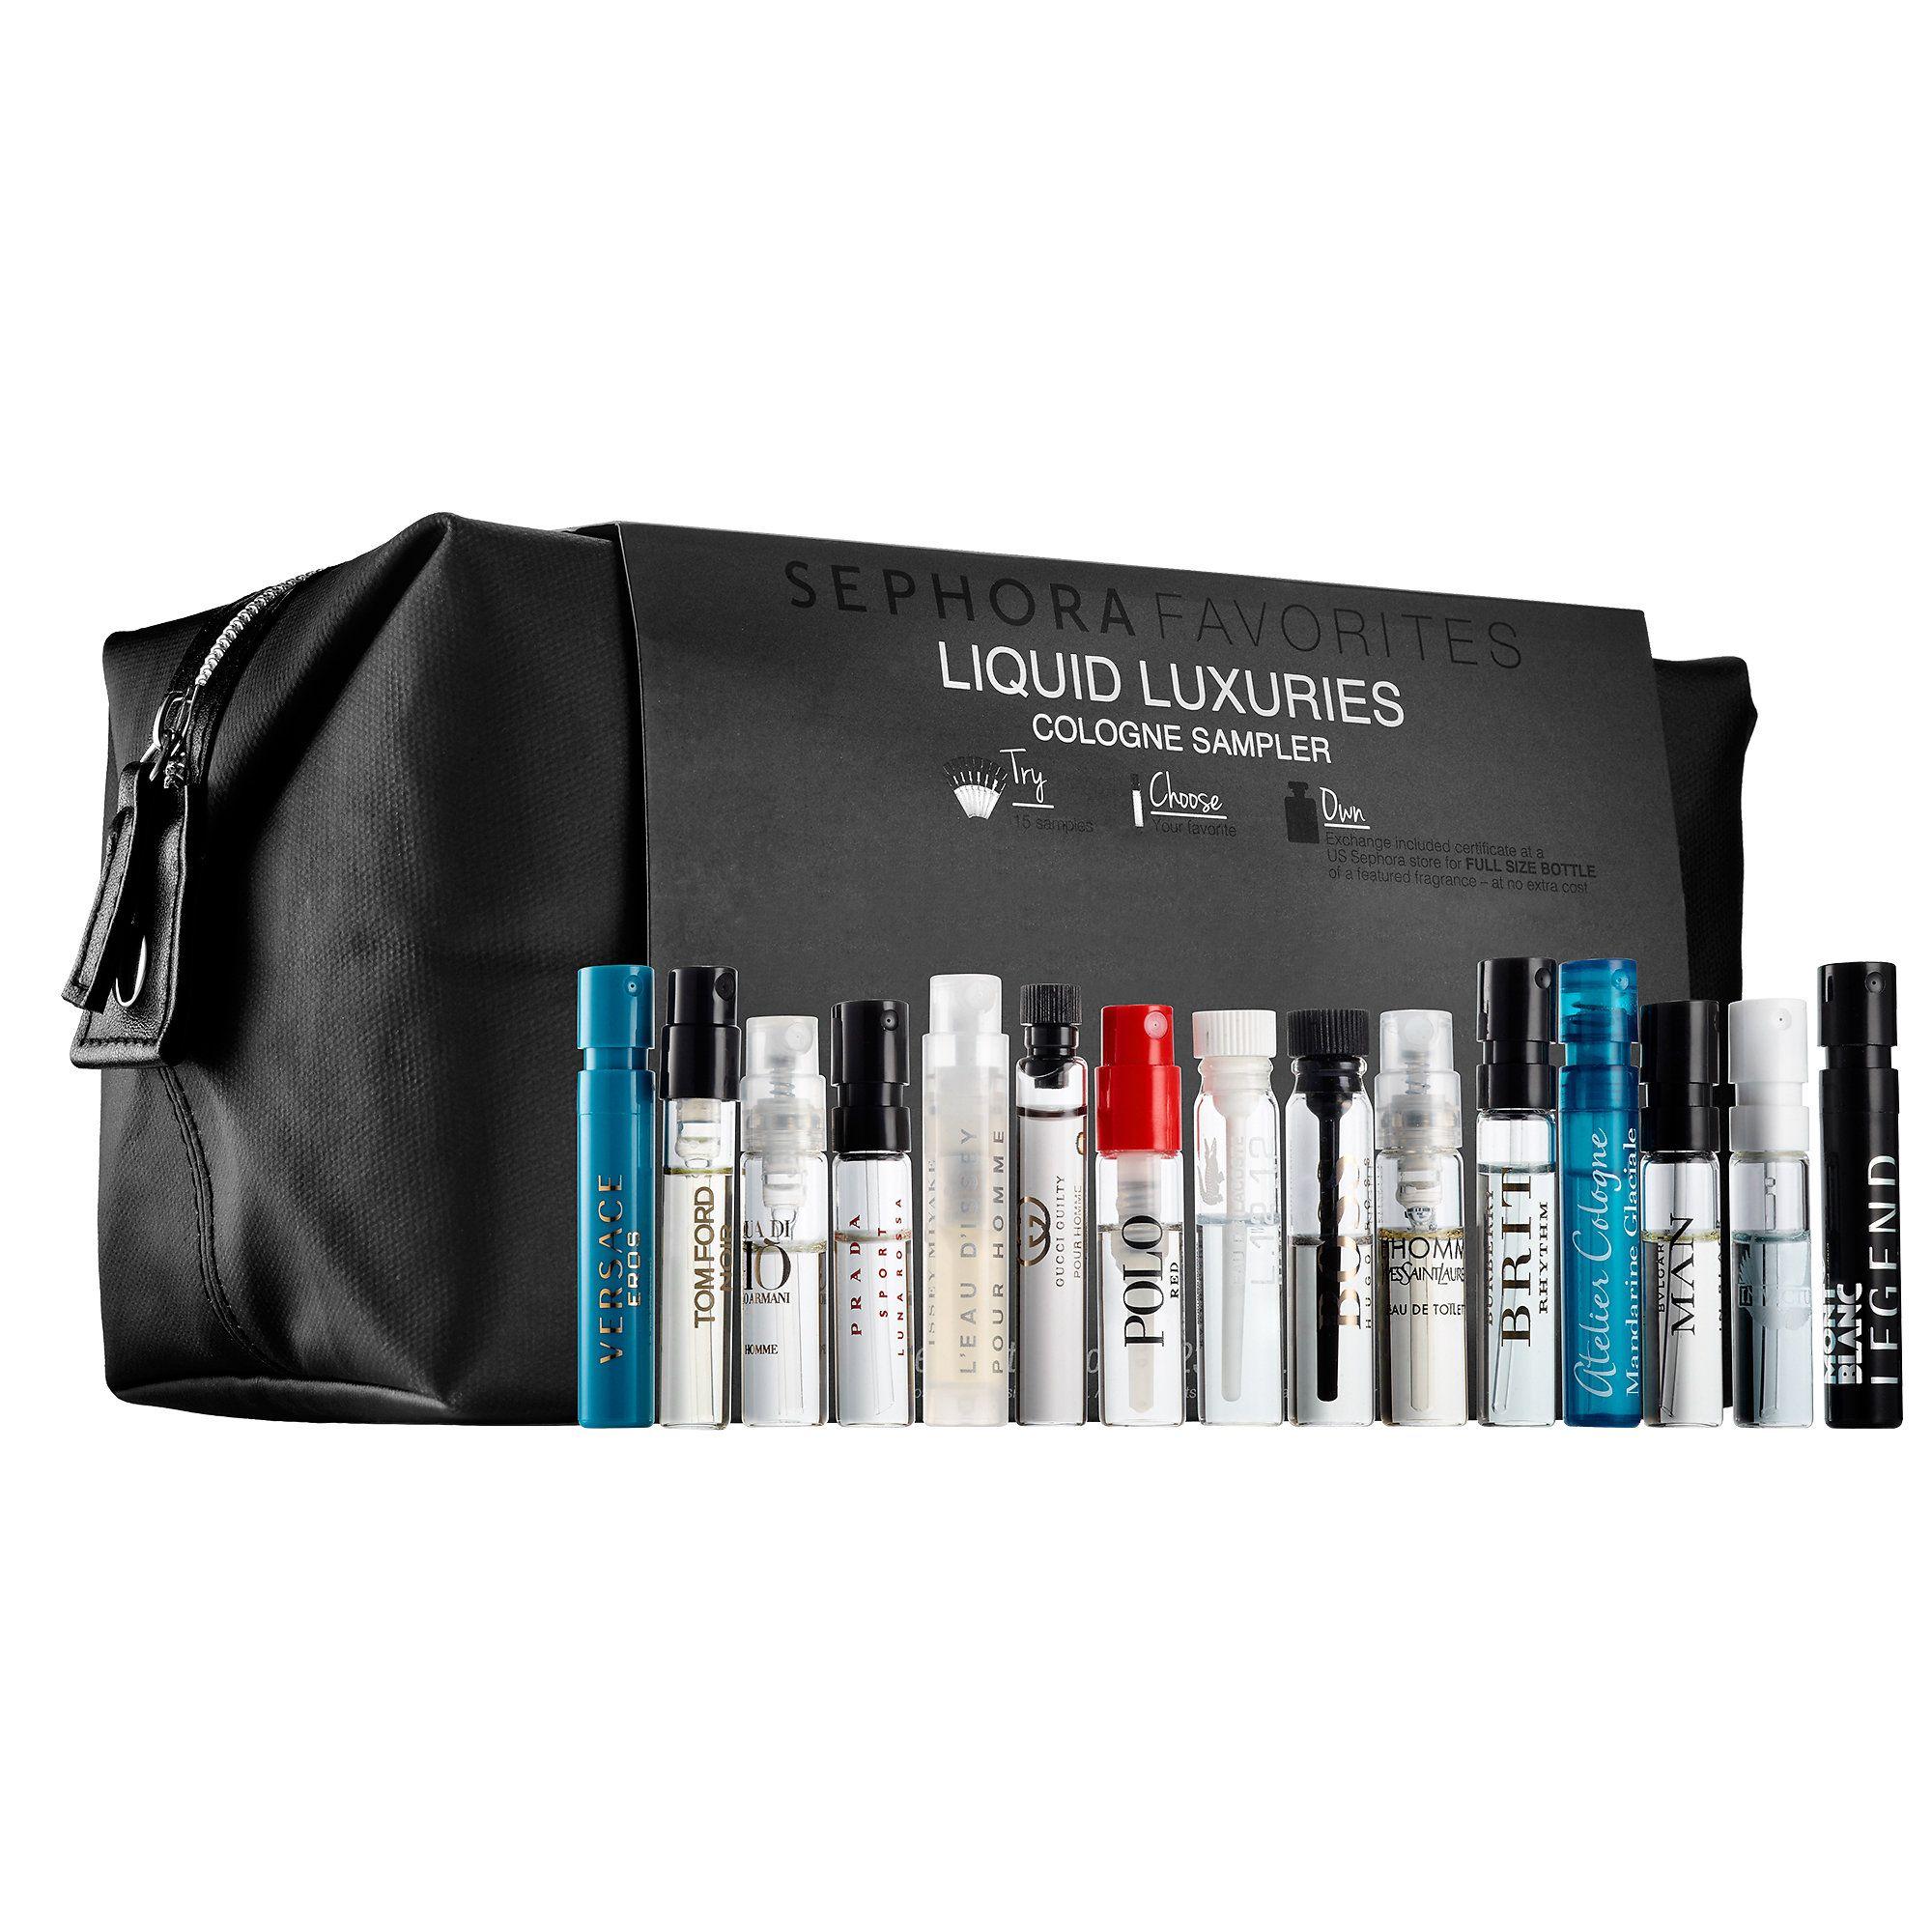 Sampler Cologne Luxuries Shop Sephora At Favorites' Liquid uF5cK3l1TJ